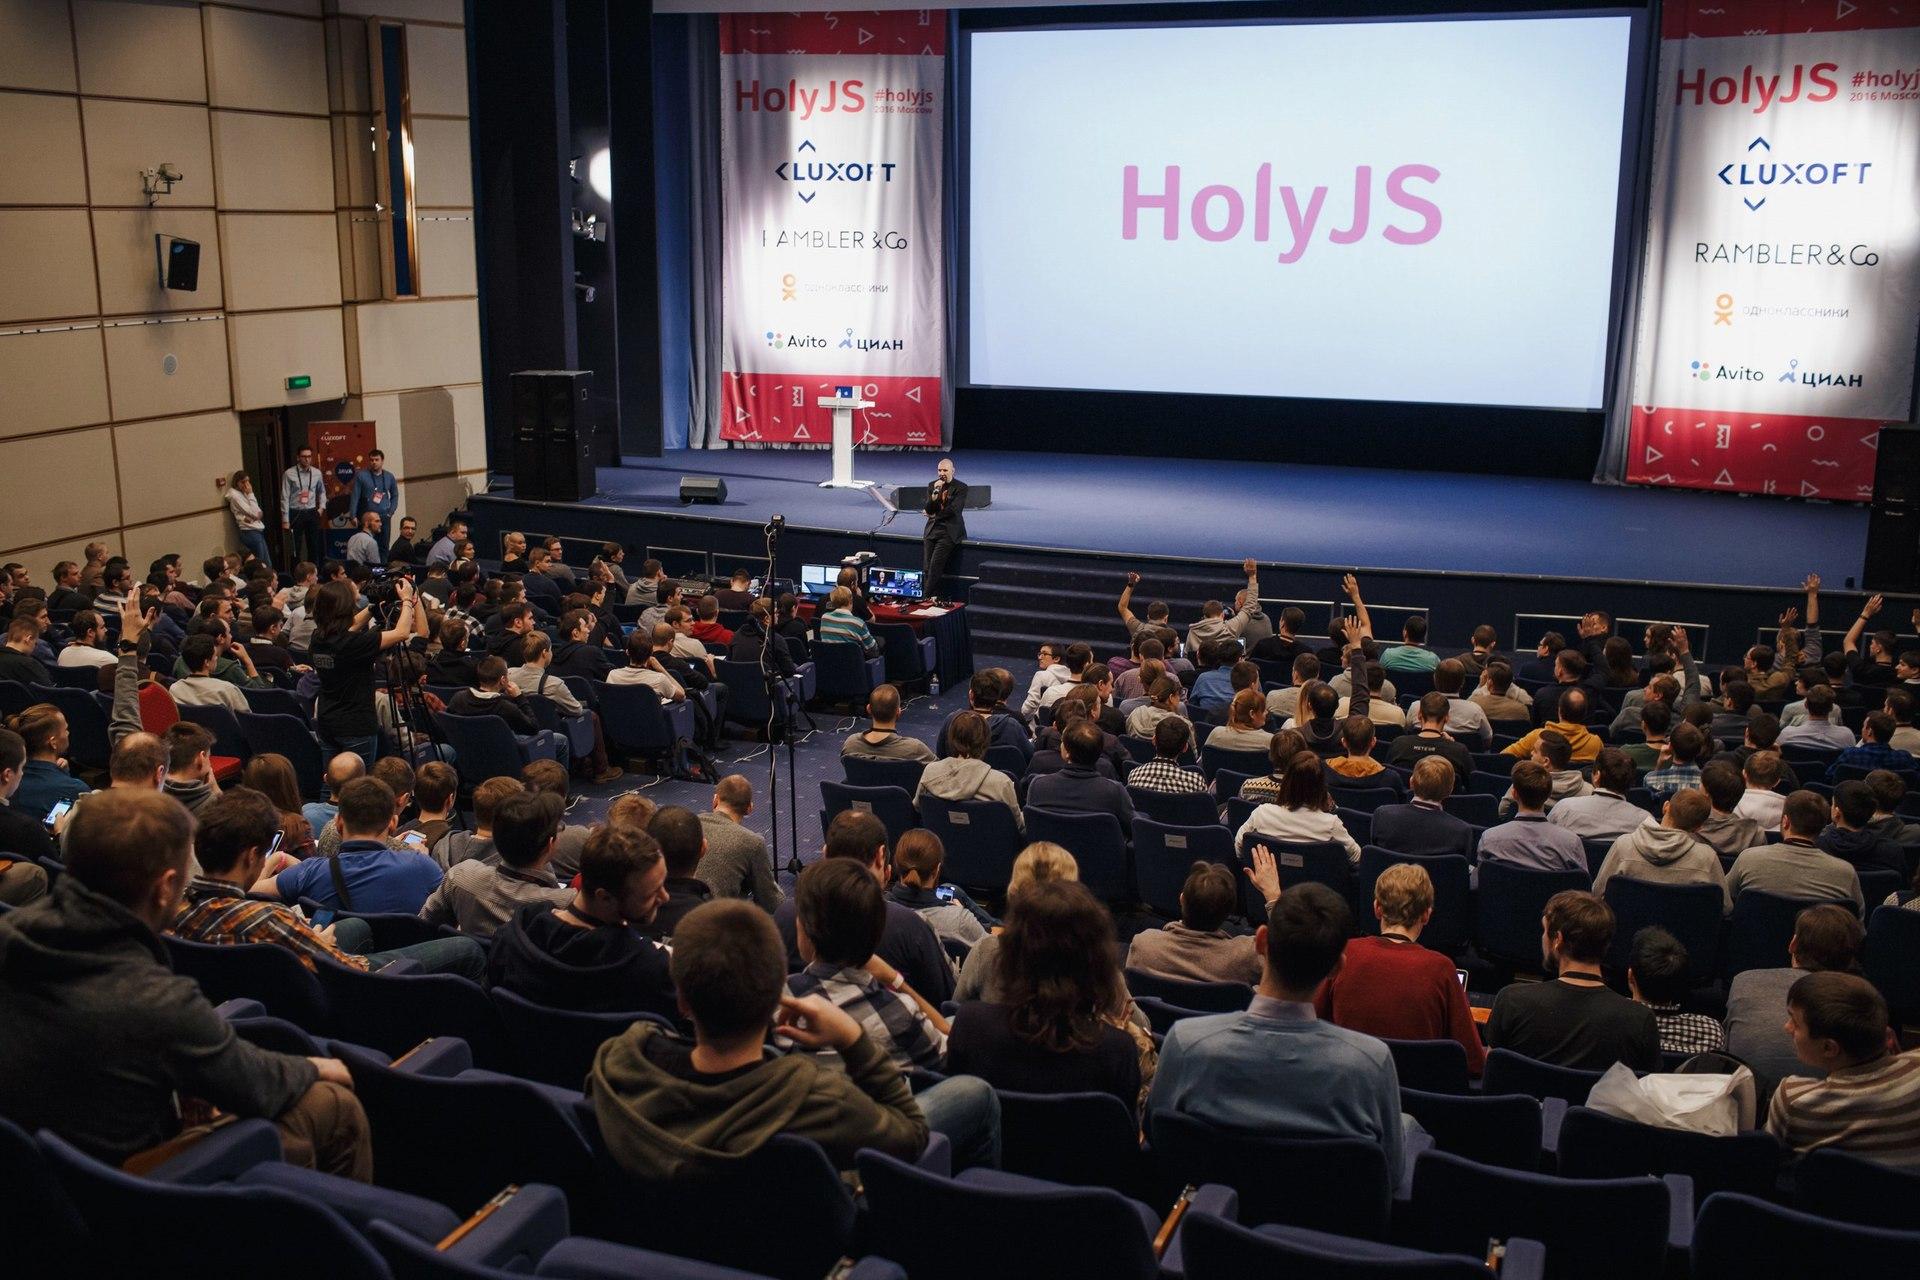 Анонс HolyJS 2017 Piter: Больше JavaScript, хорошего и разного - 4